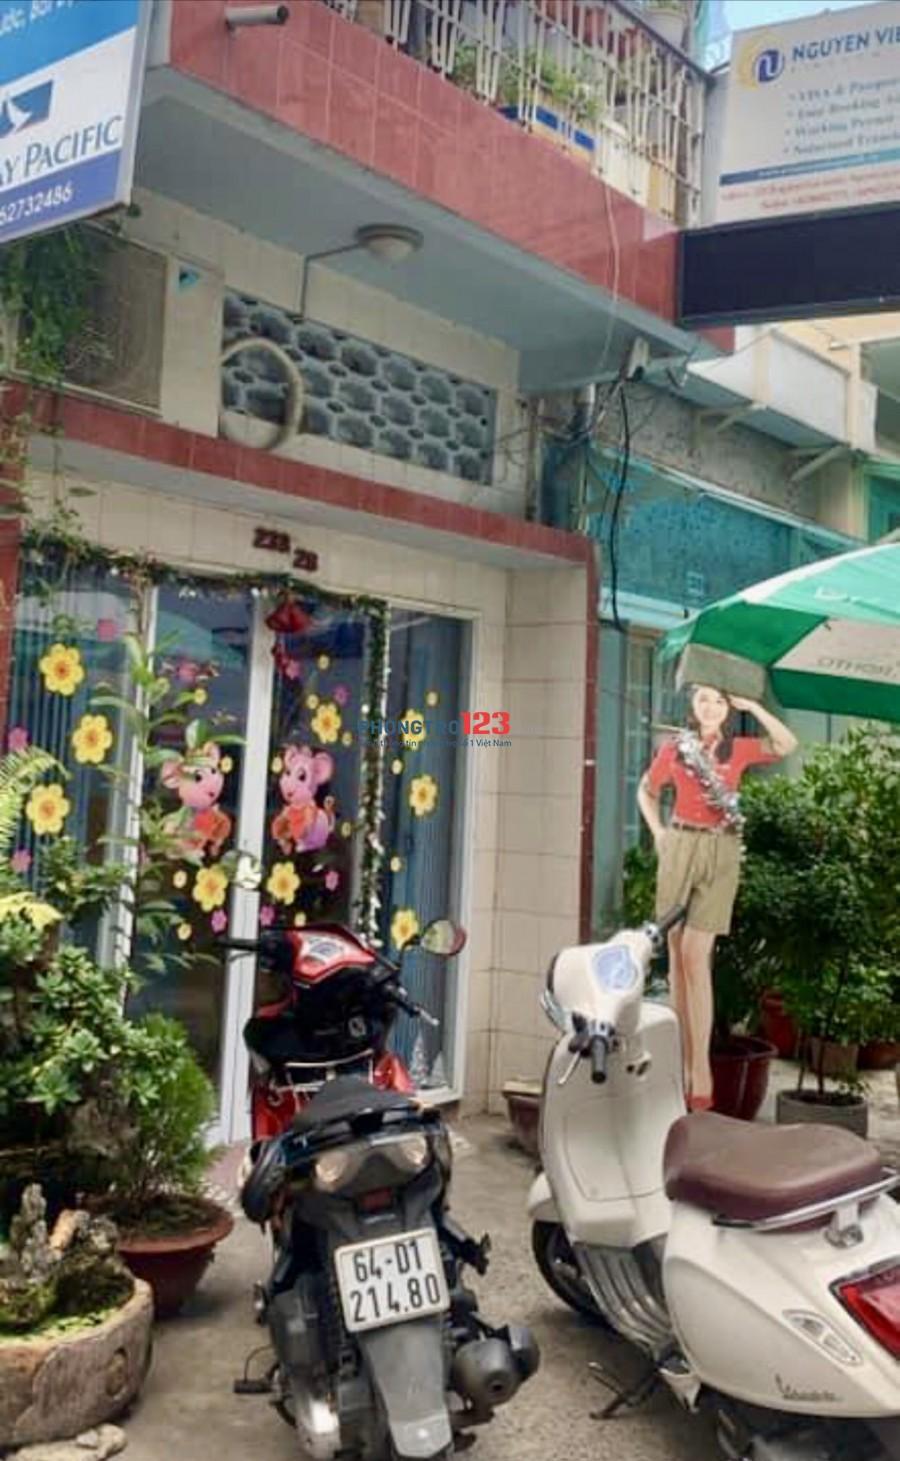 Nhà cho thuê nguyên căn HXH Trung tâm Nguyễn Trãi Q1 gần chợ Thái Bình